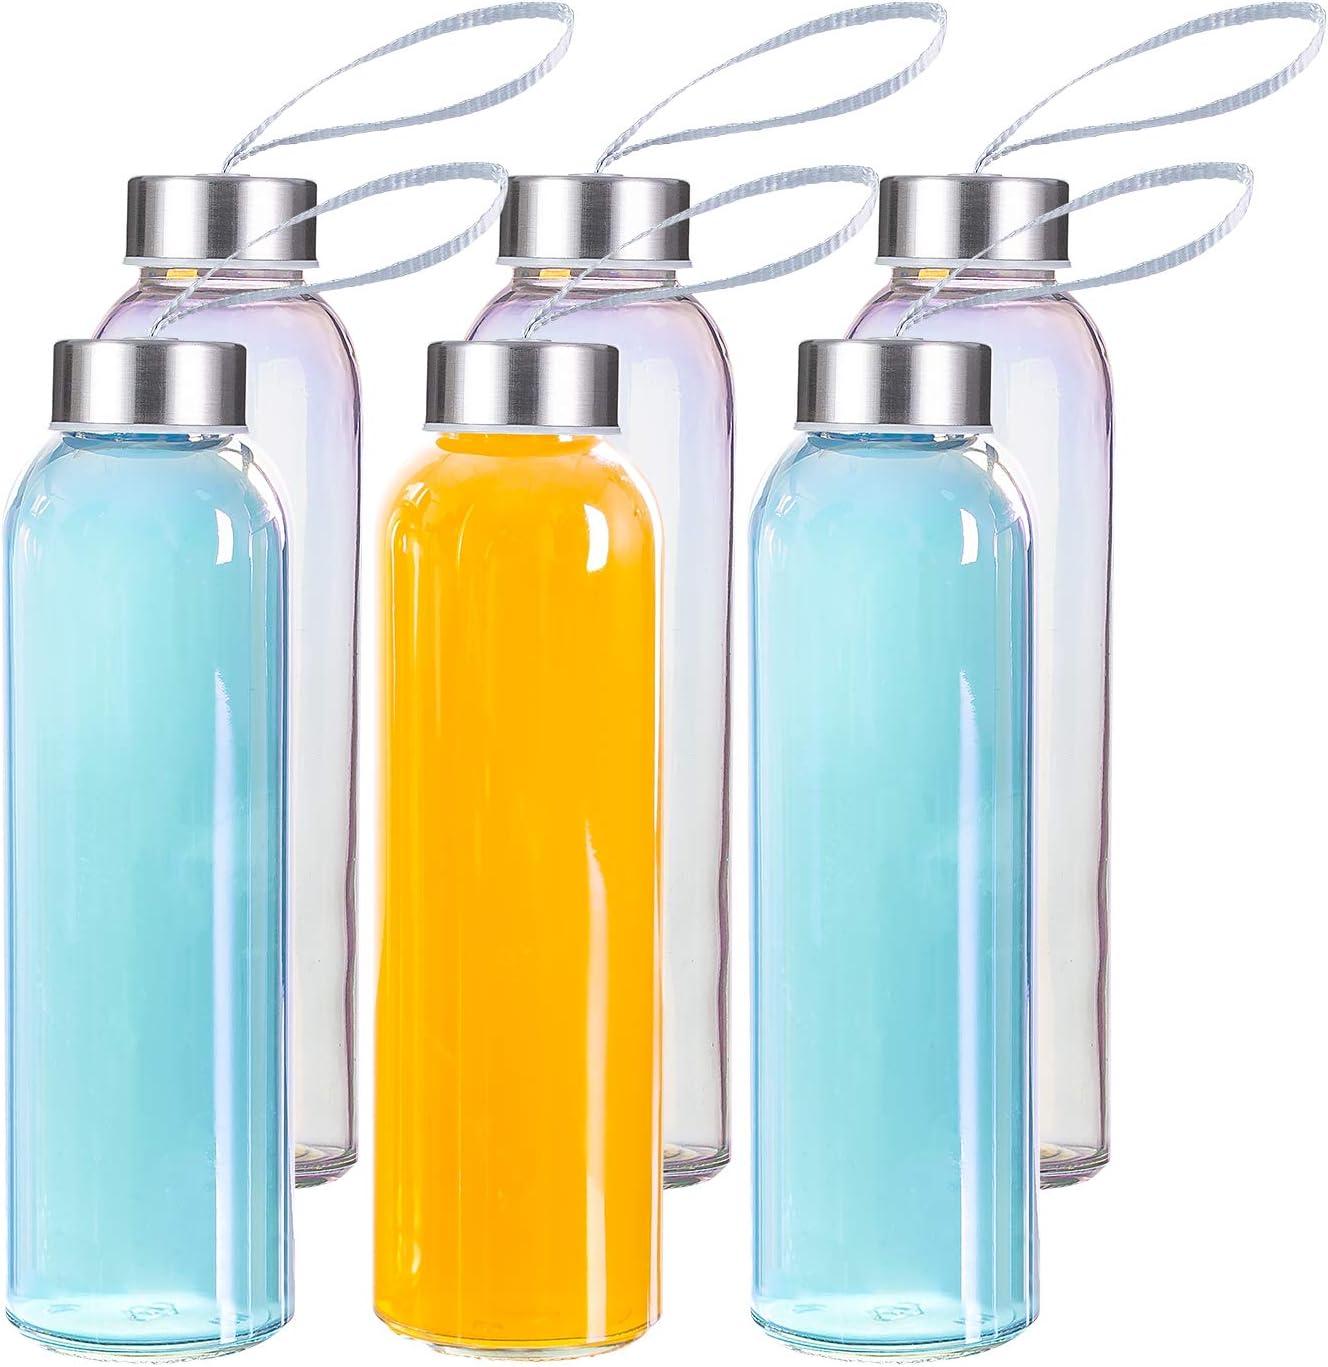 MASEN Juego de 6 botellas de agua de cristal, 500 ml, con tapa de acero inoxidable a prueba de fugas, para viajes y fitness